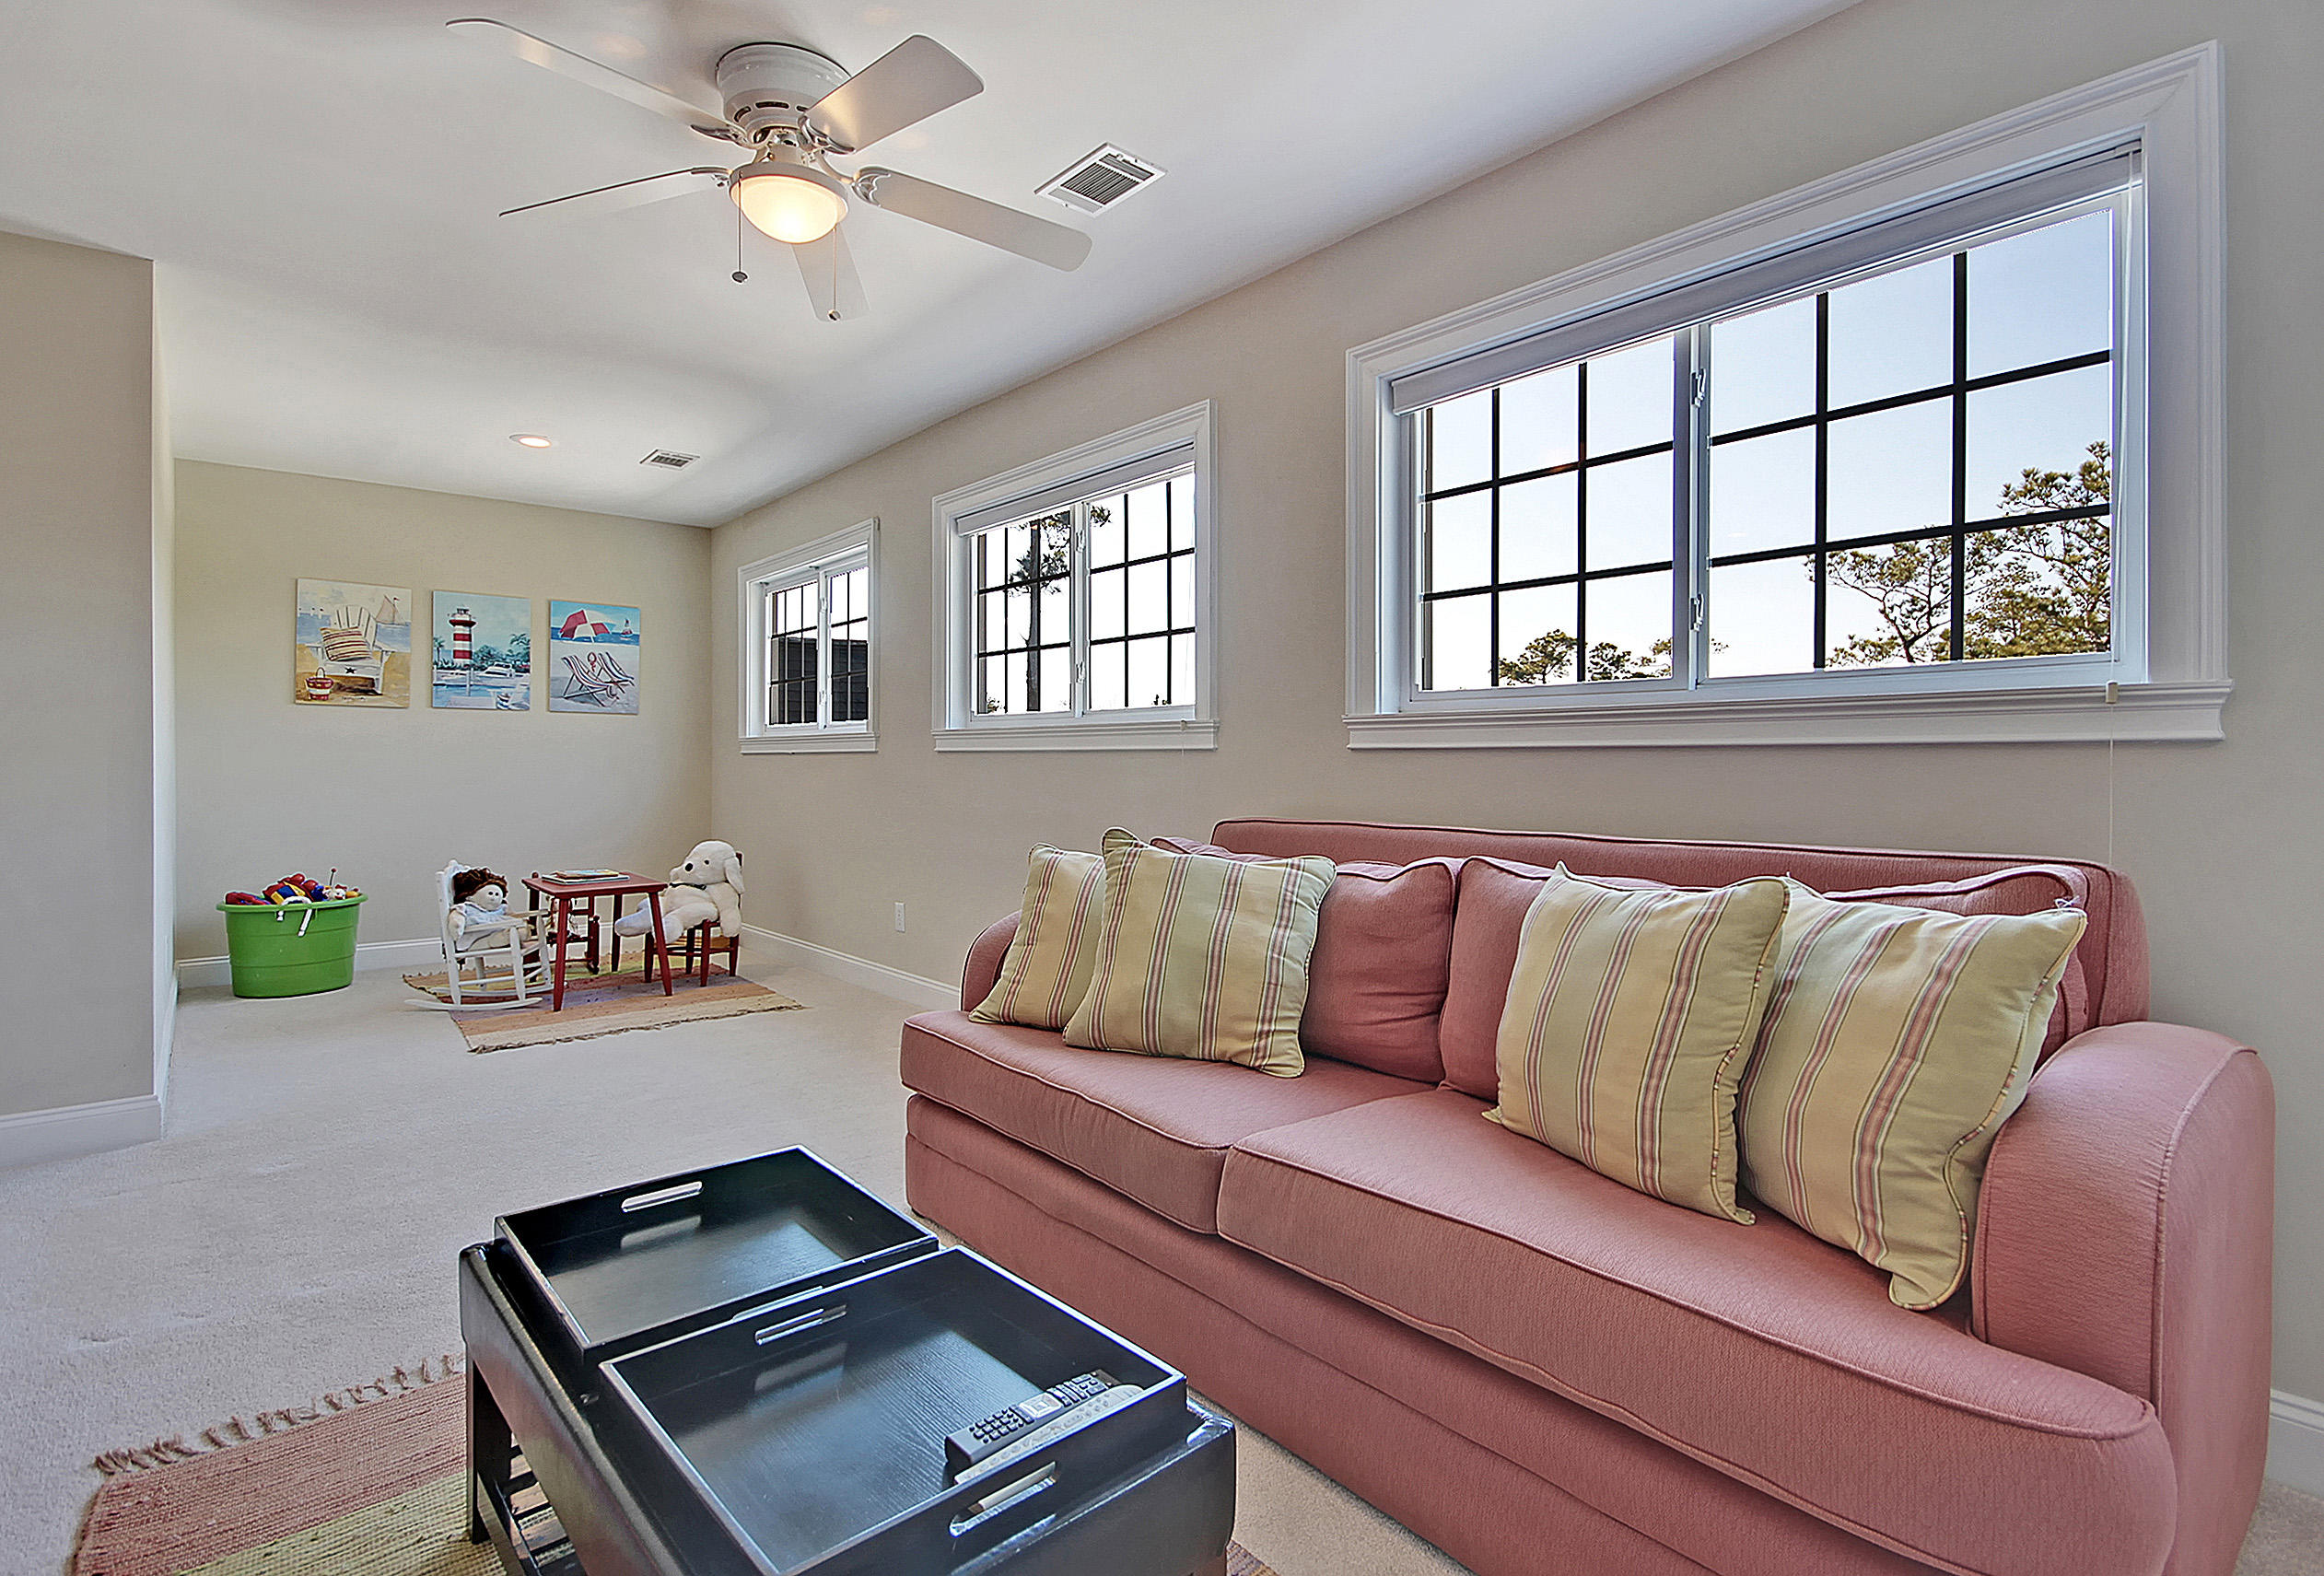 Dunes West Homes For Sale - 2721 Fountainhead, Mount Pleasant, SC - 76